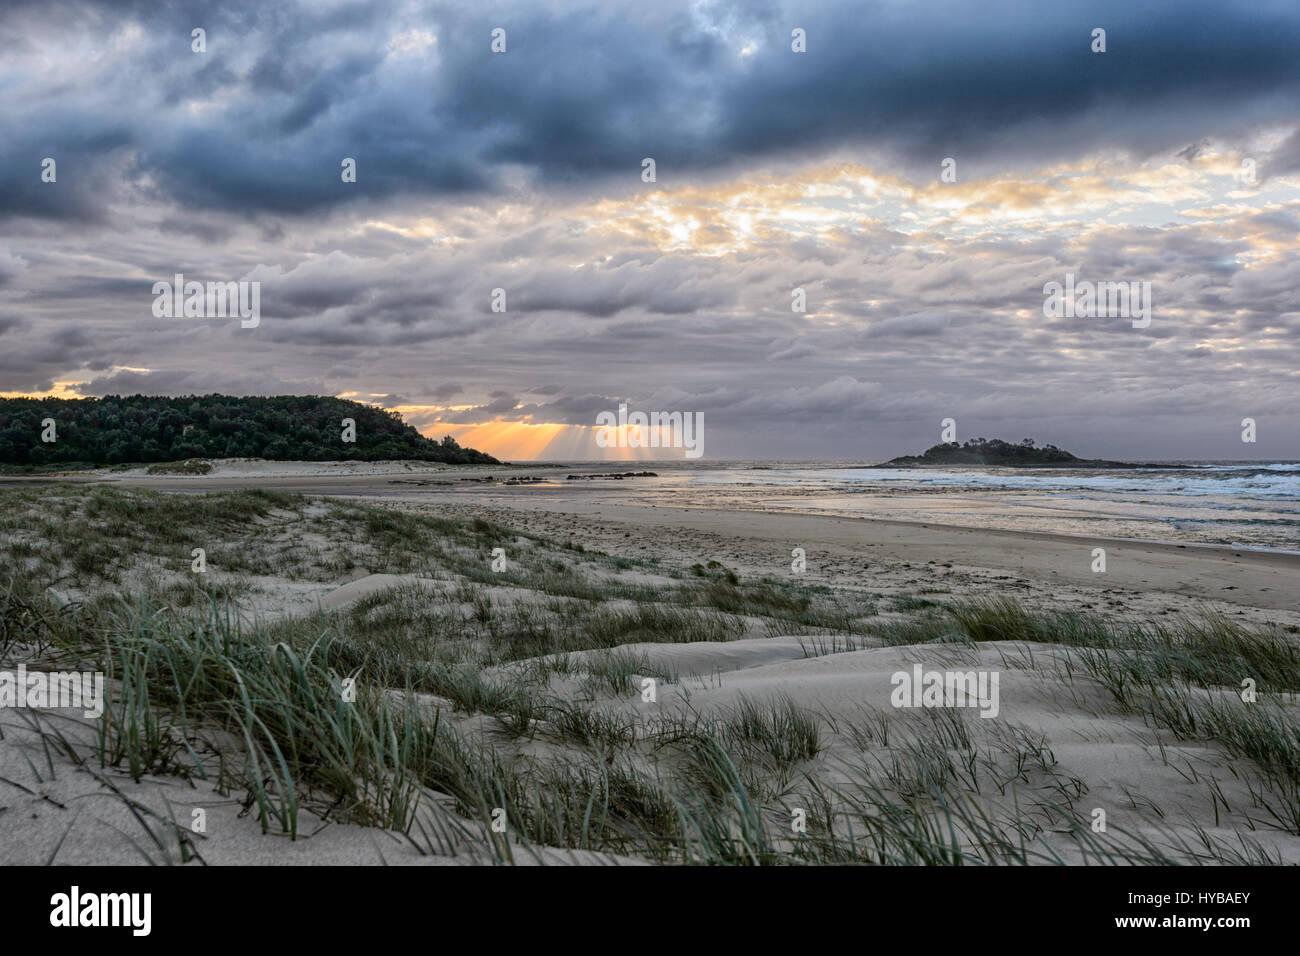 Cielo atmosférico en amanecer en Playa Conjola Shoalhaven, Costa Sur, Nueva Gales del Sur (NSW, Australia Imagen De Stock